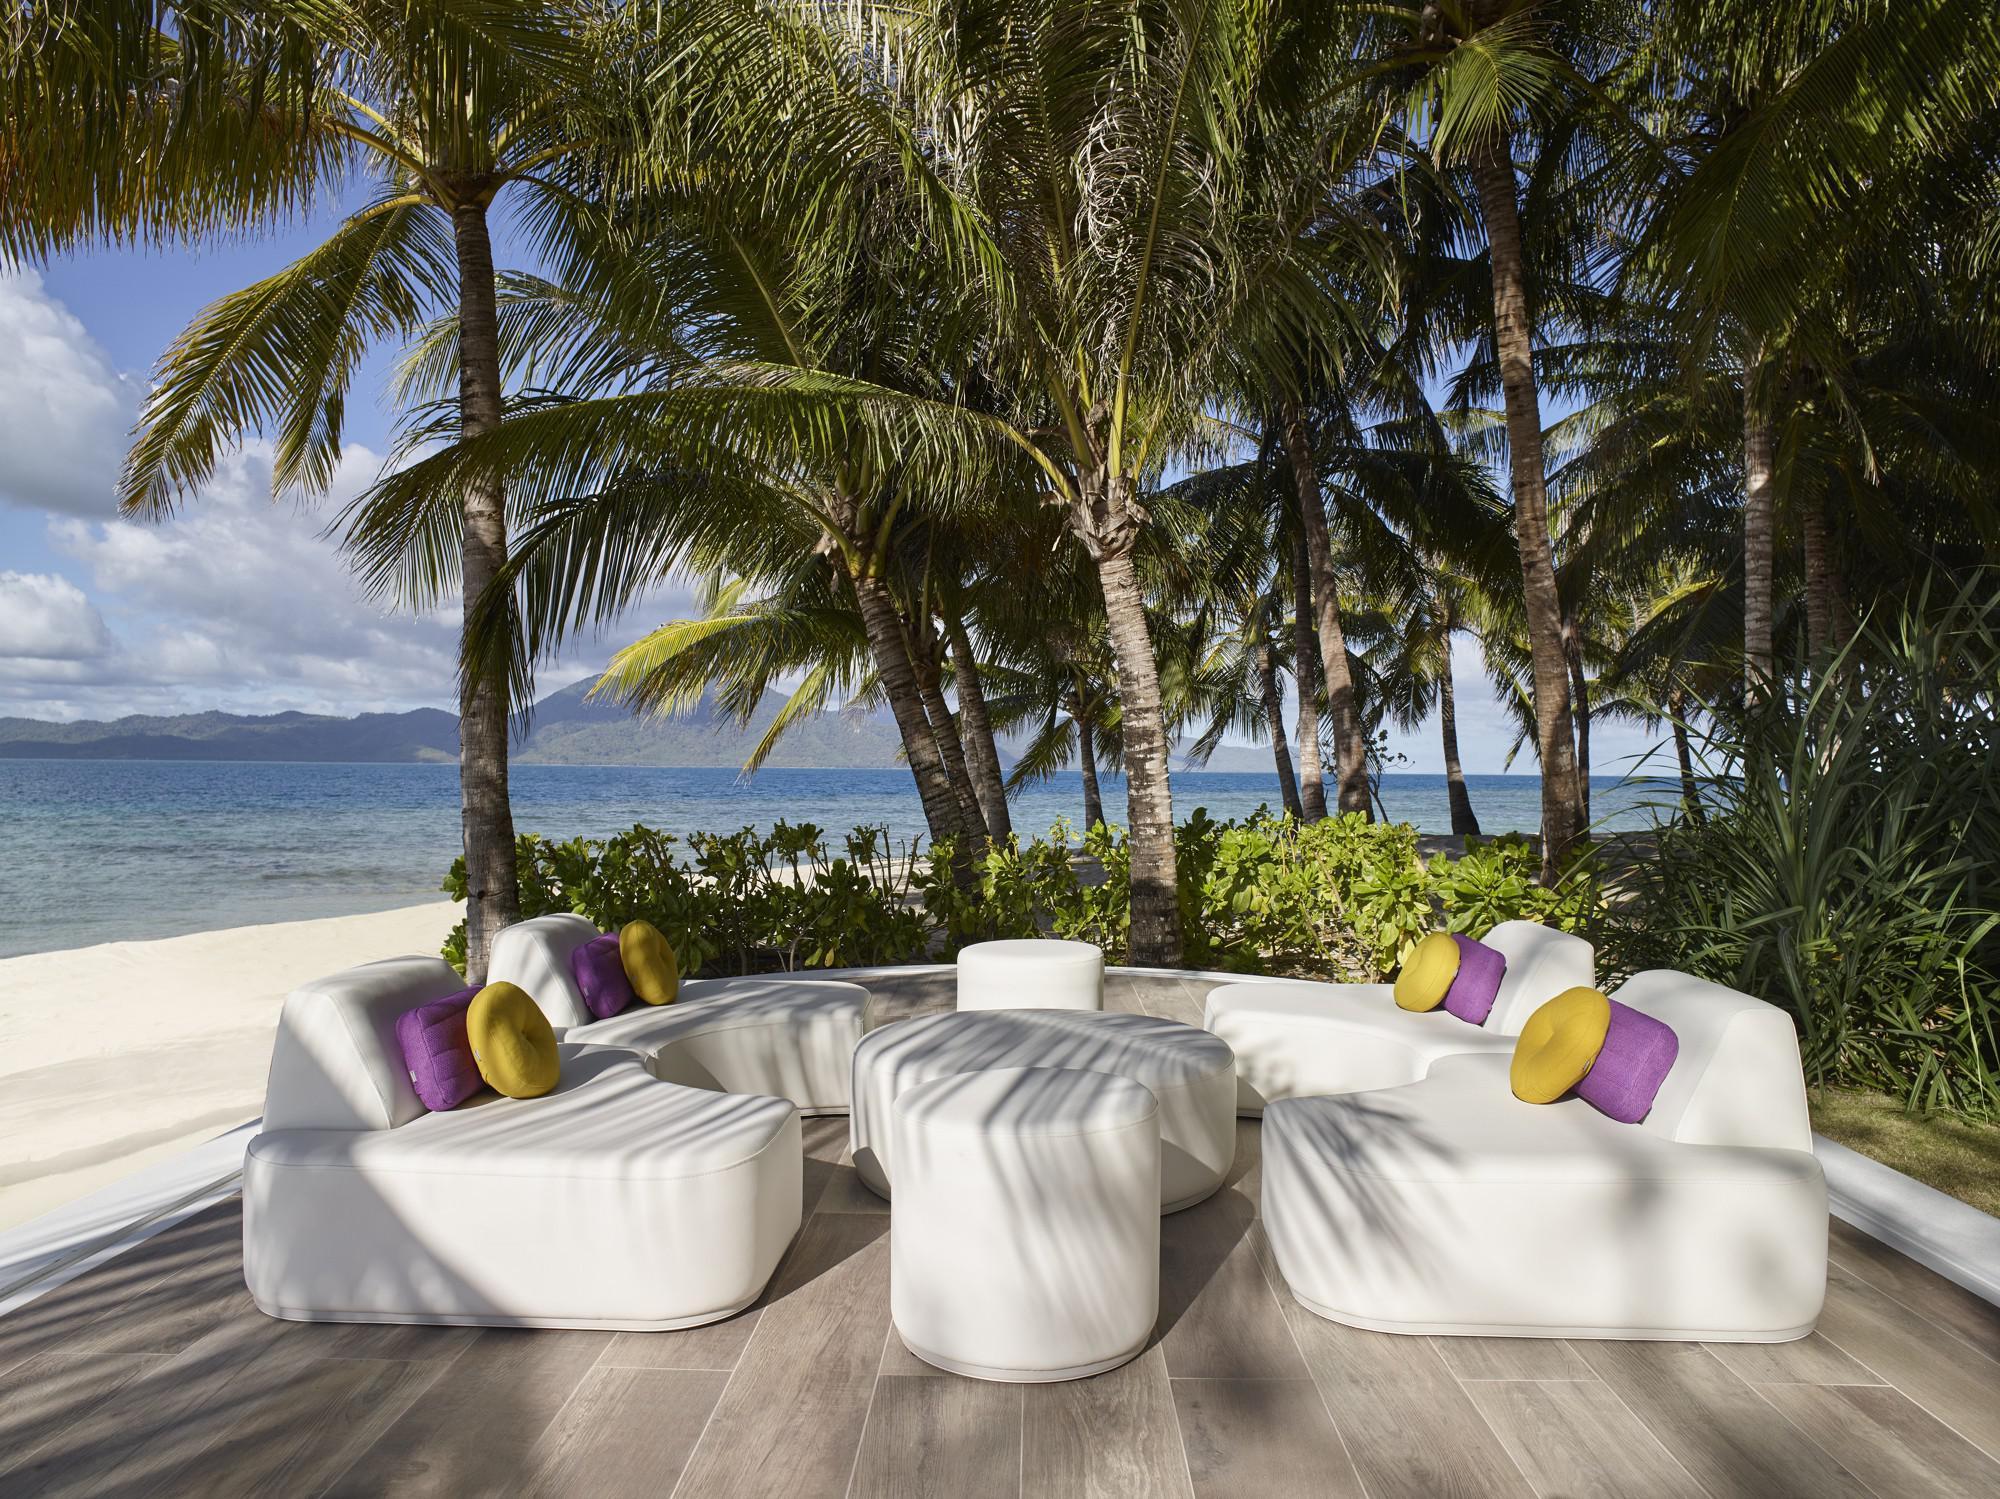 Moon Island outdoor sofa